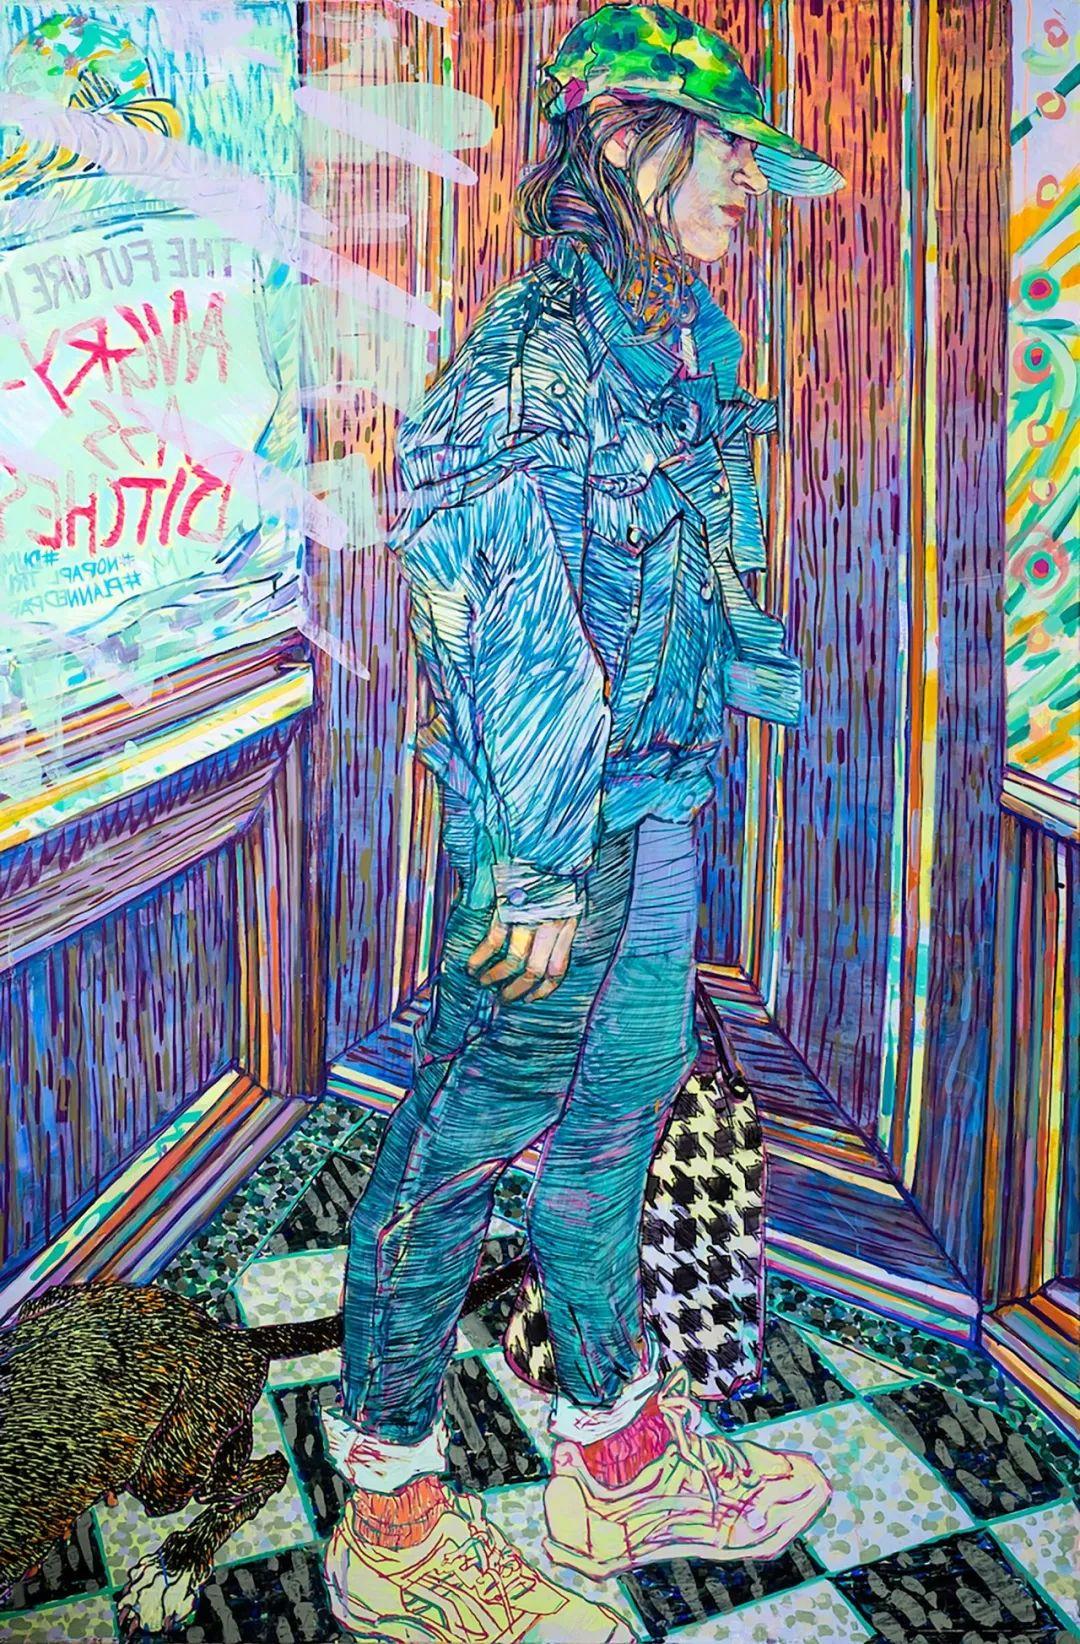 用平静的笔触描绘强烈的感情,美国艺术家Hope Gangloff作品选插图3